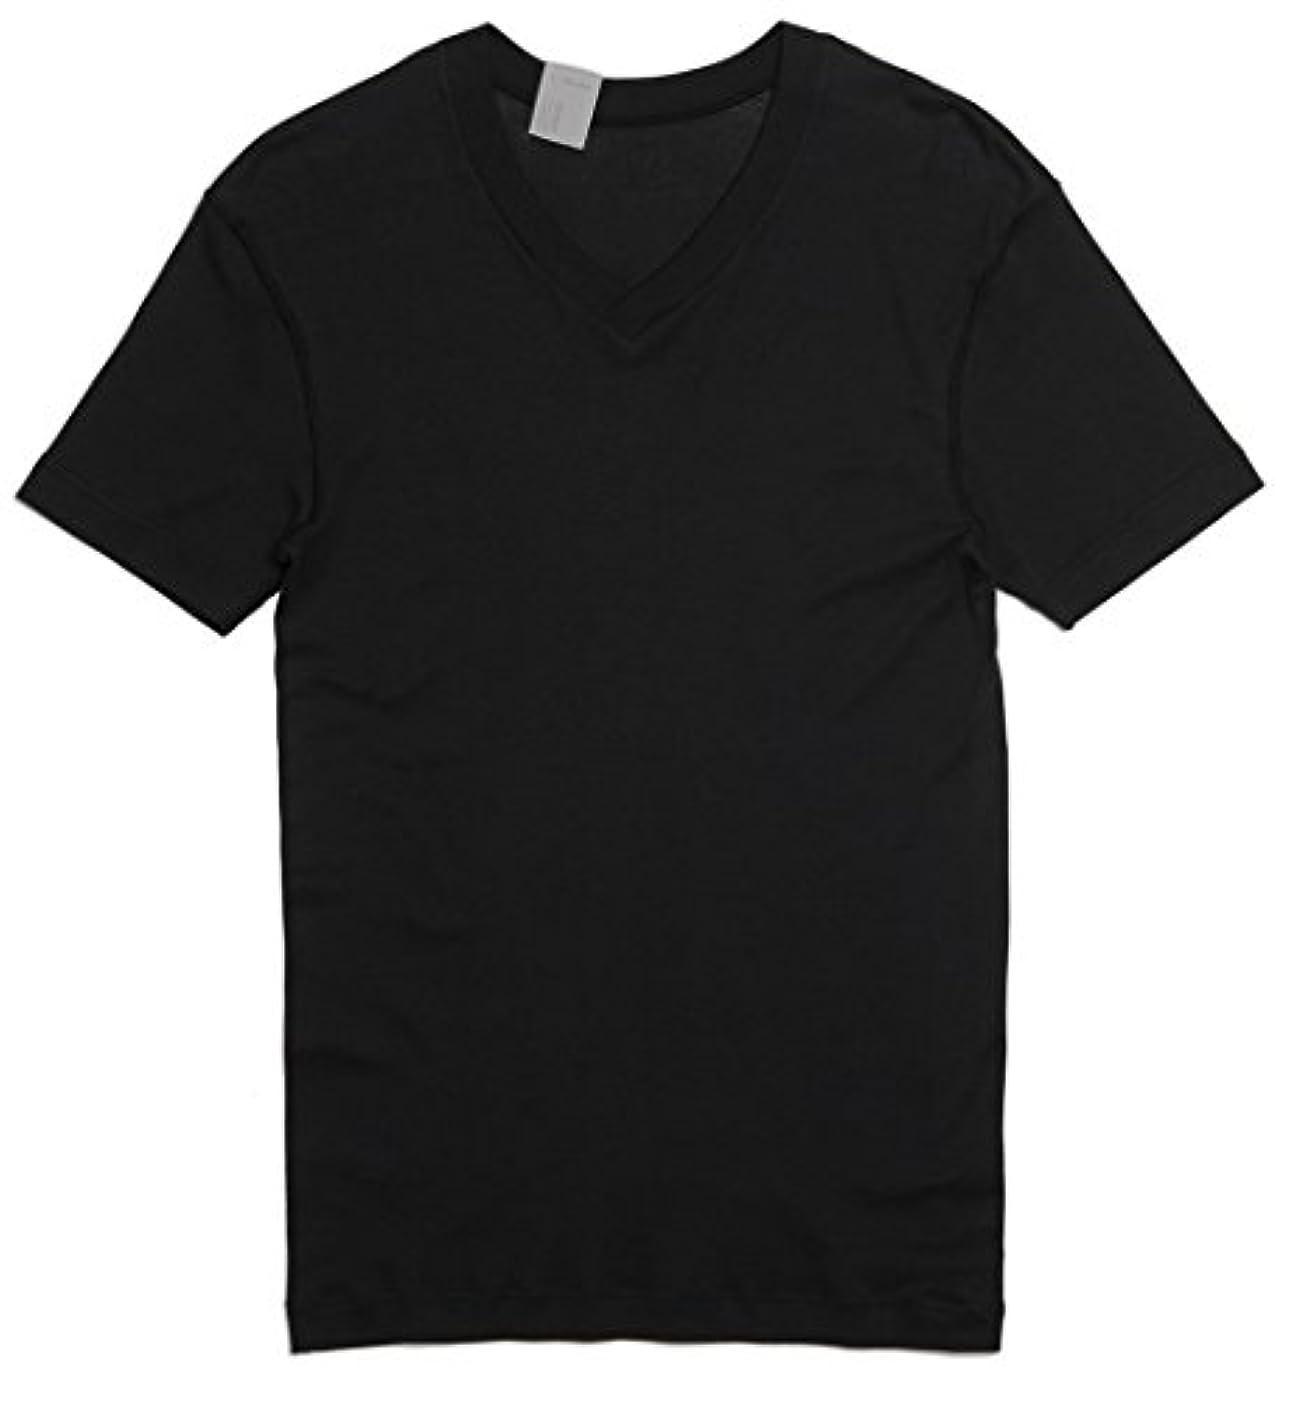 ガムアニメーション骨の折れる(エヌハリウッド) N.HOOLYWOOD N.H.TPES BARRACKS KIT 17-6125 V NECK T-SHIRT 半袖 Vネック Tシャツ